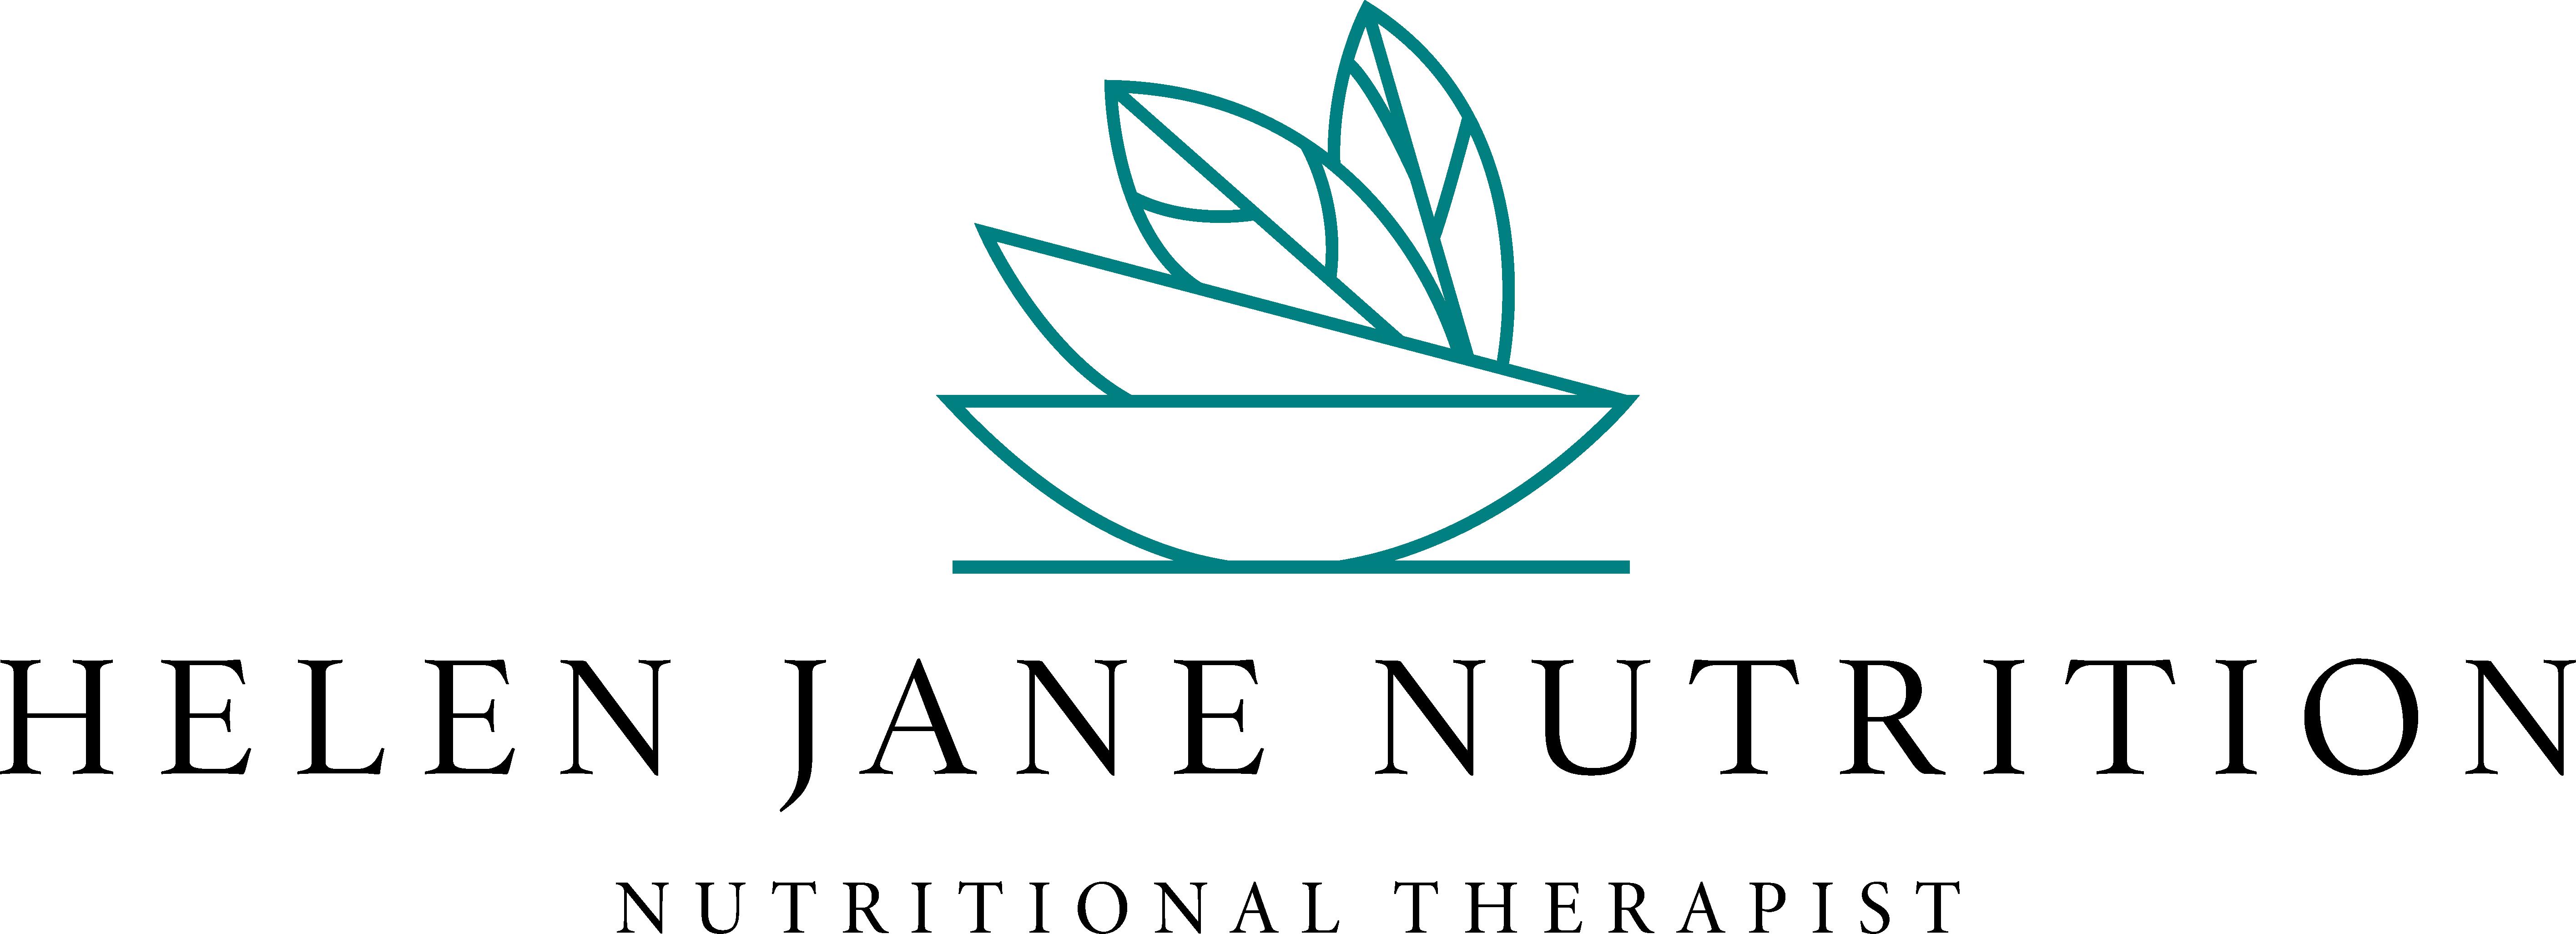 Helen Jane Nutrition Logo